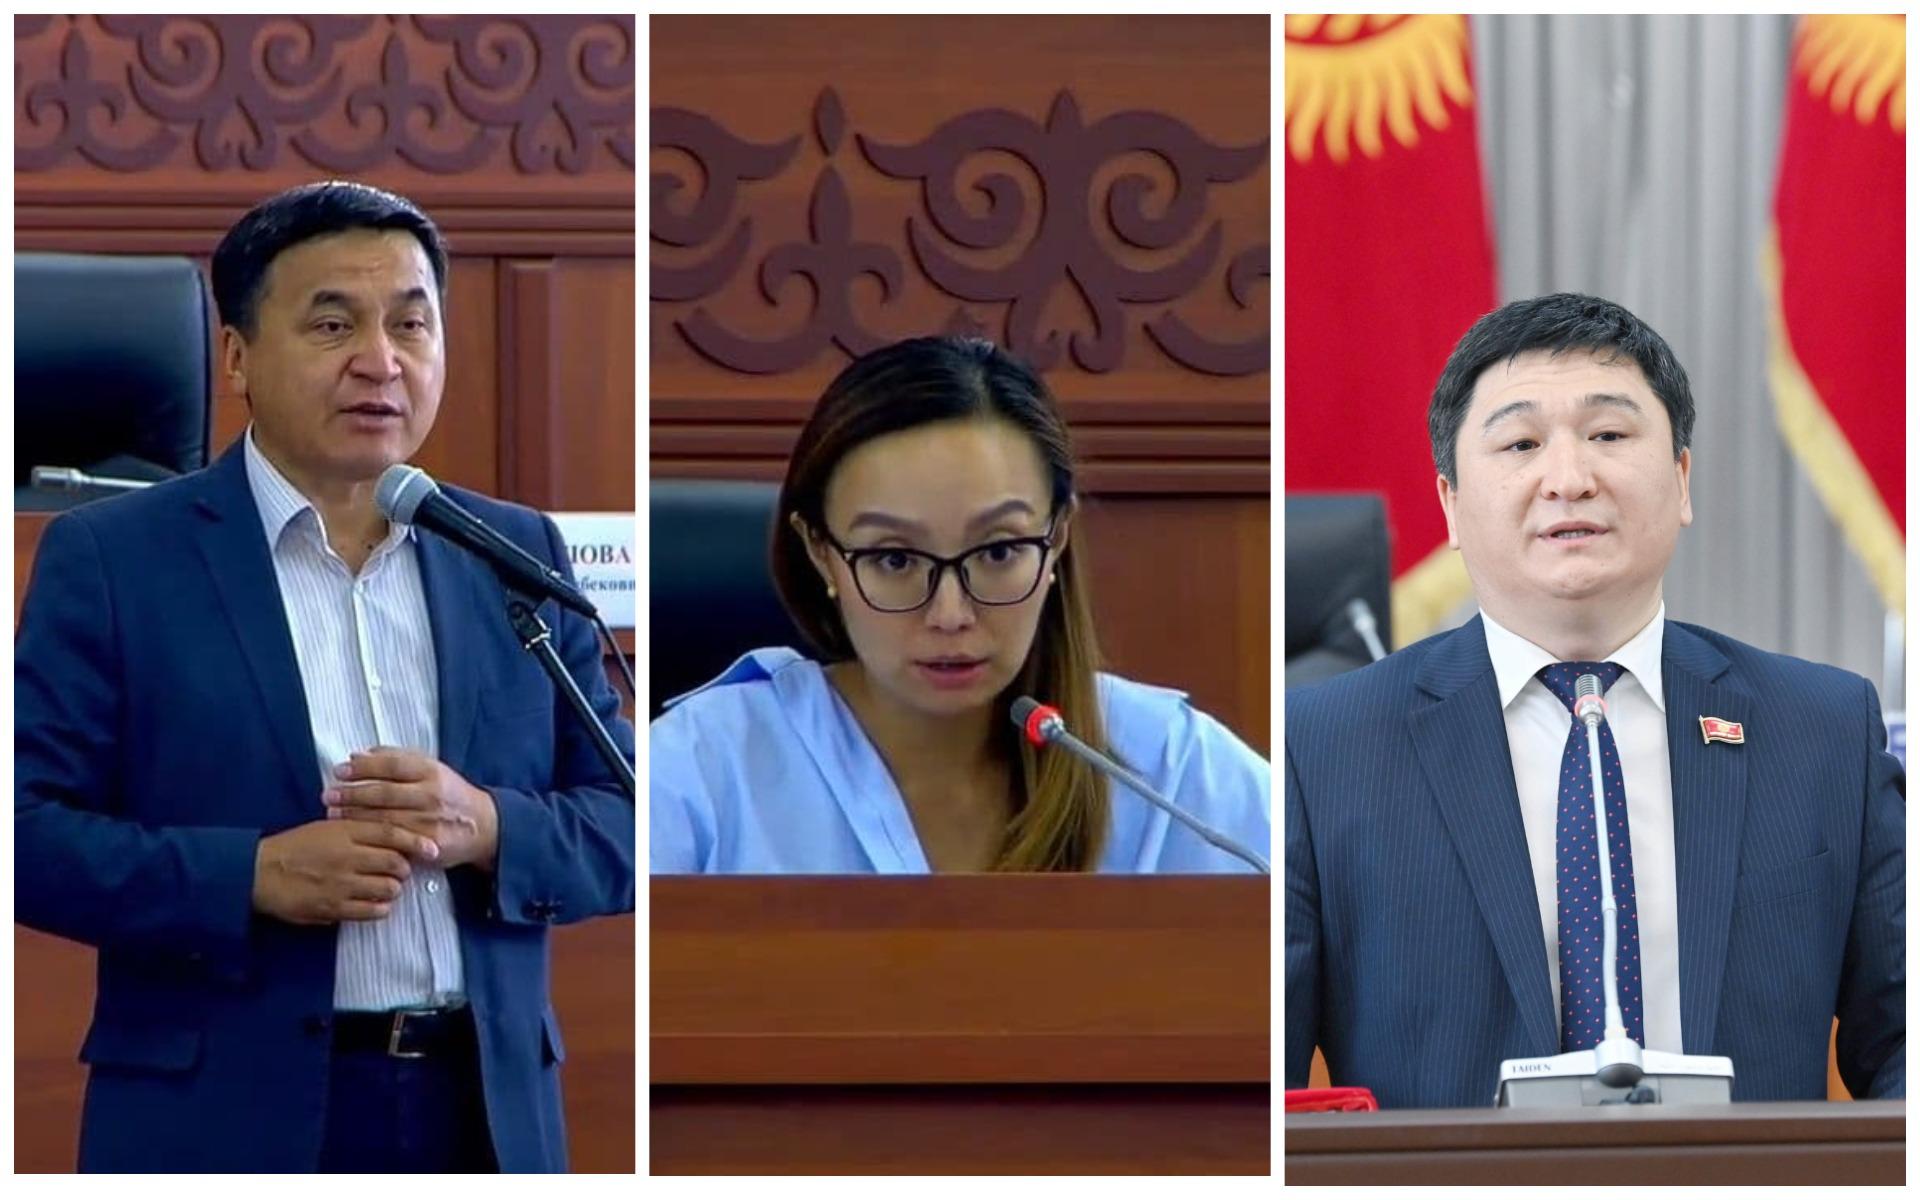 Несколько депутатов парламента заявили, что не голосовали за скандальный законопроект о защите от фейков